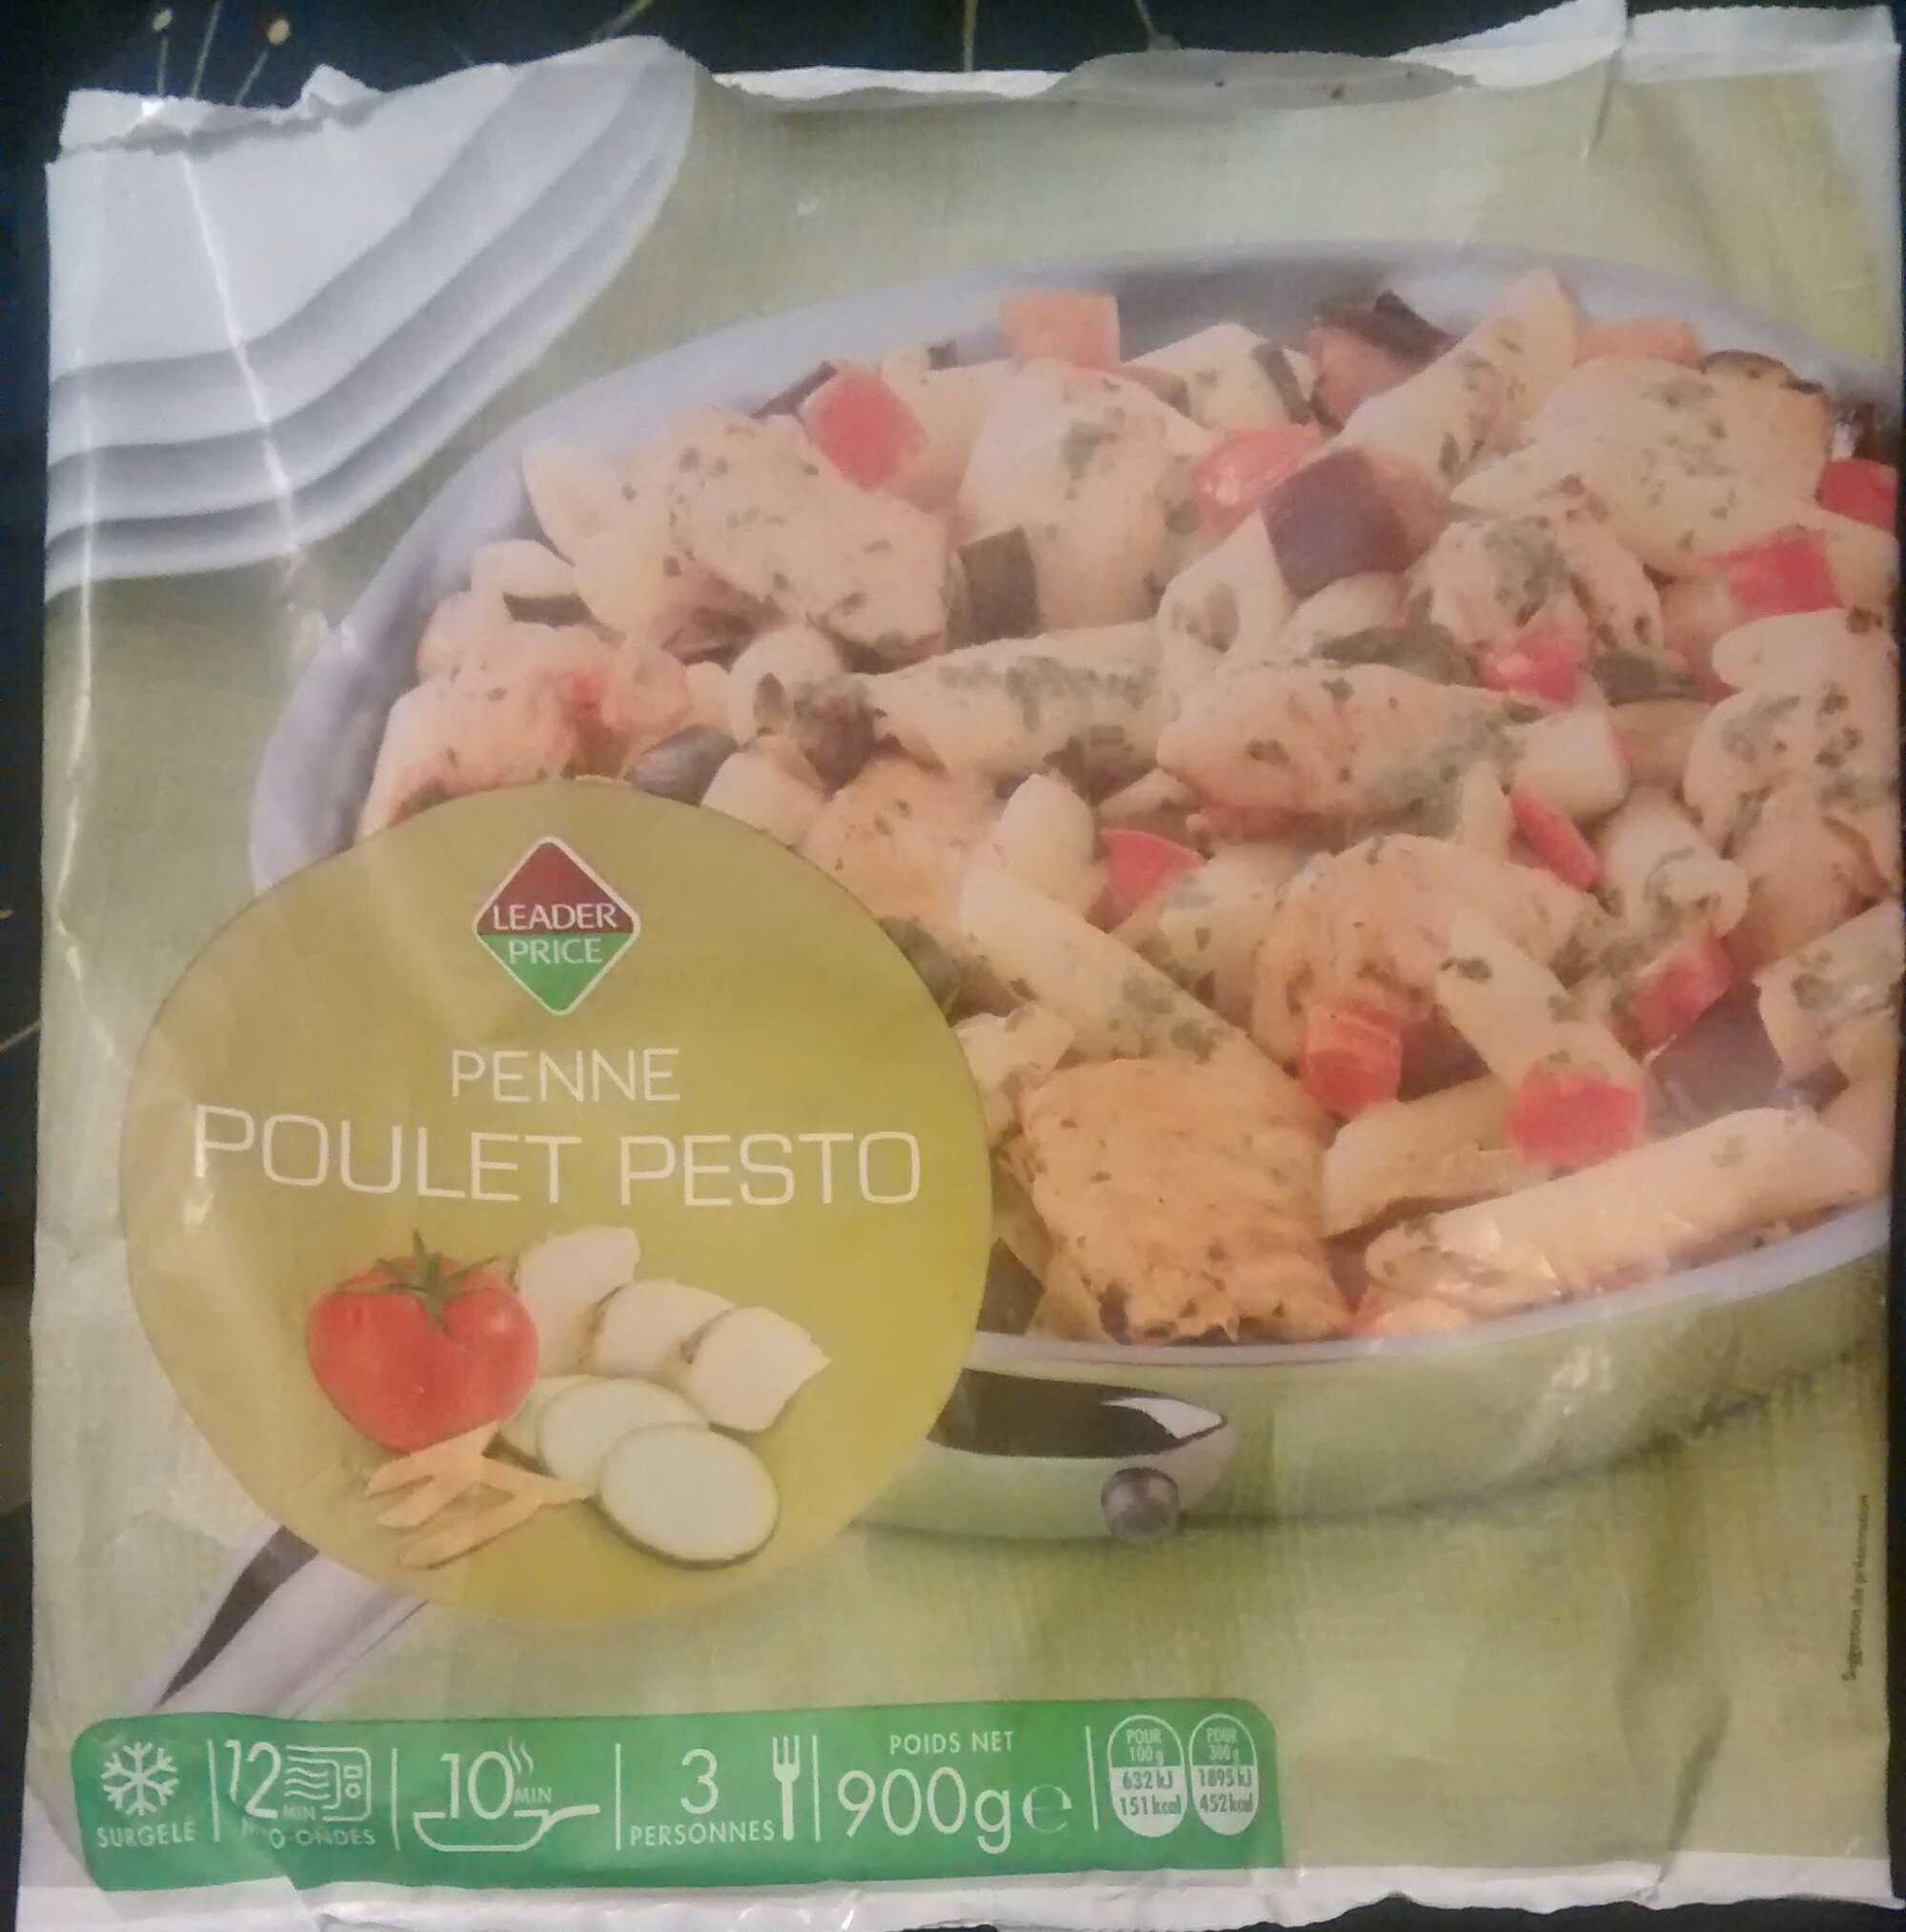 Penne Poulet Pesto, Surgelé - Produit - fr